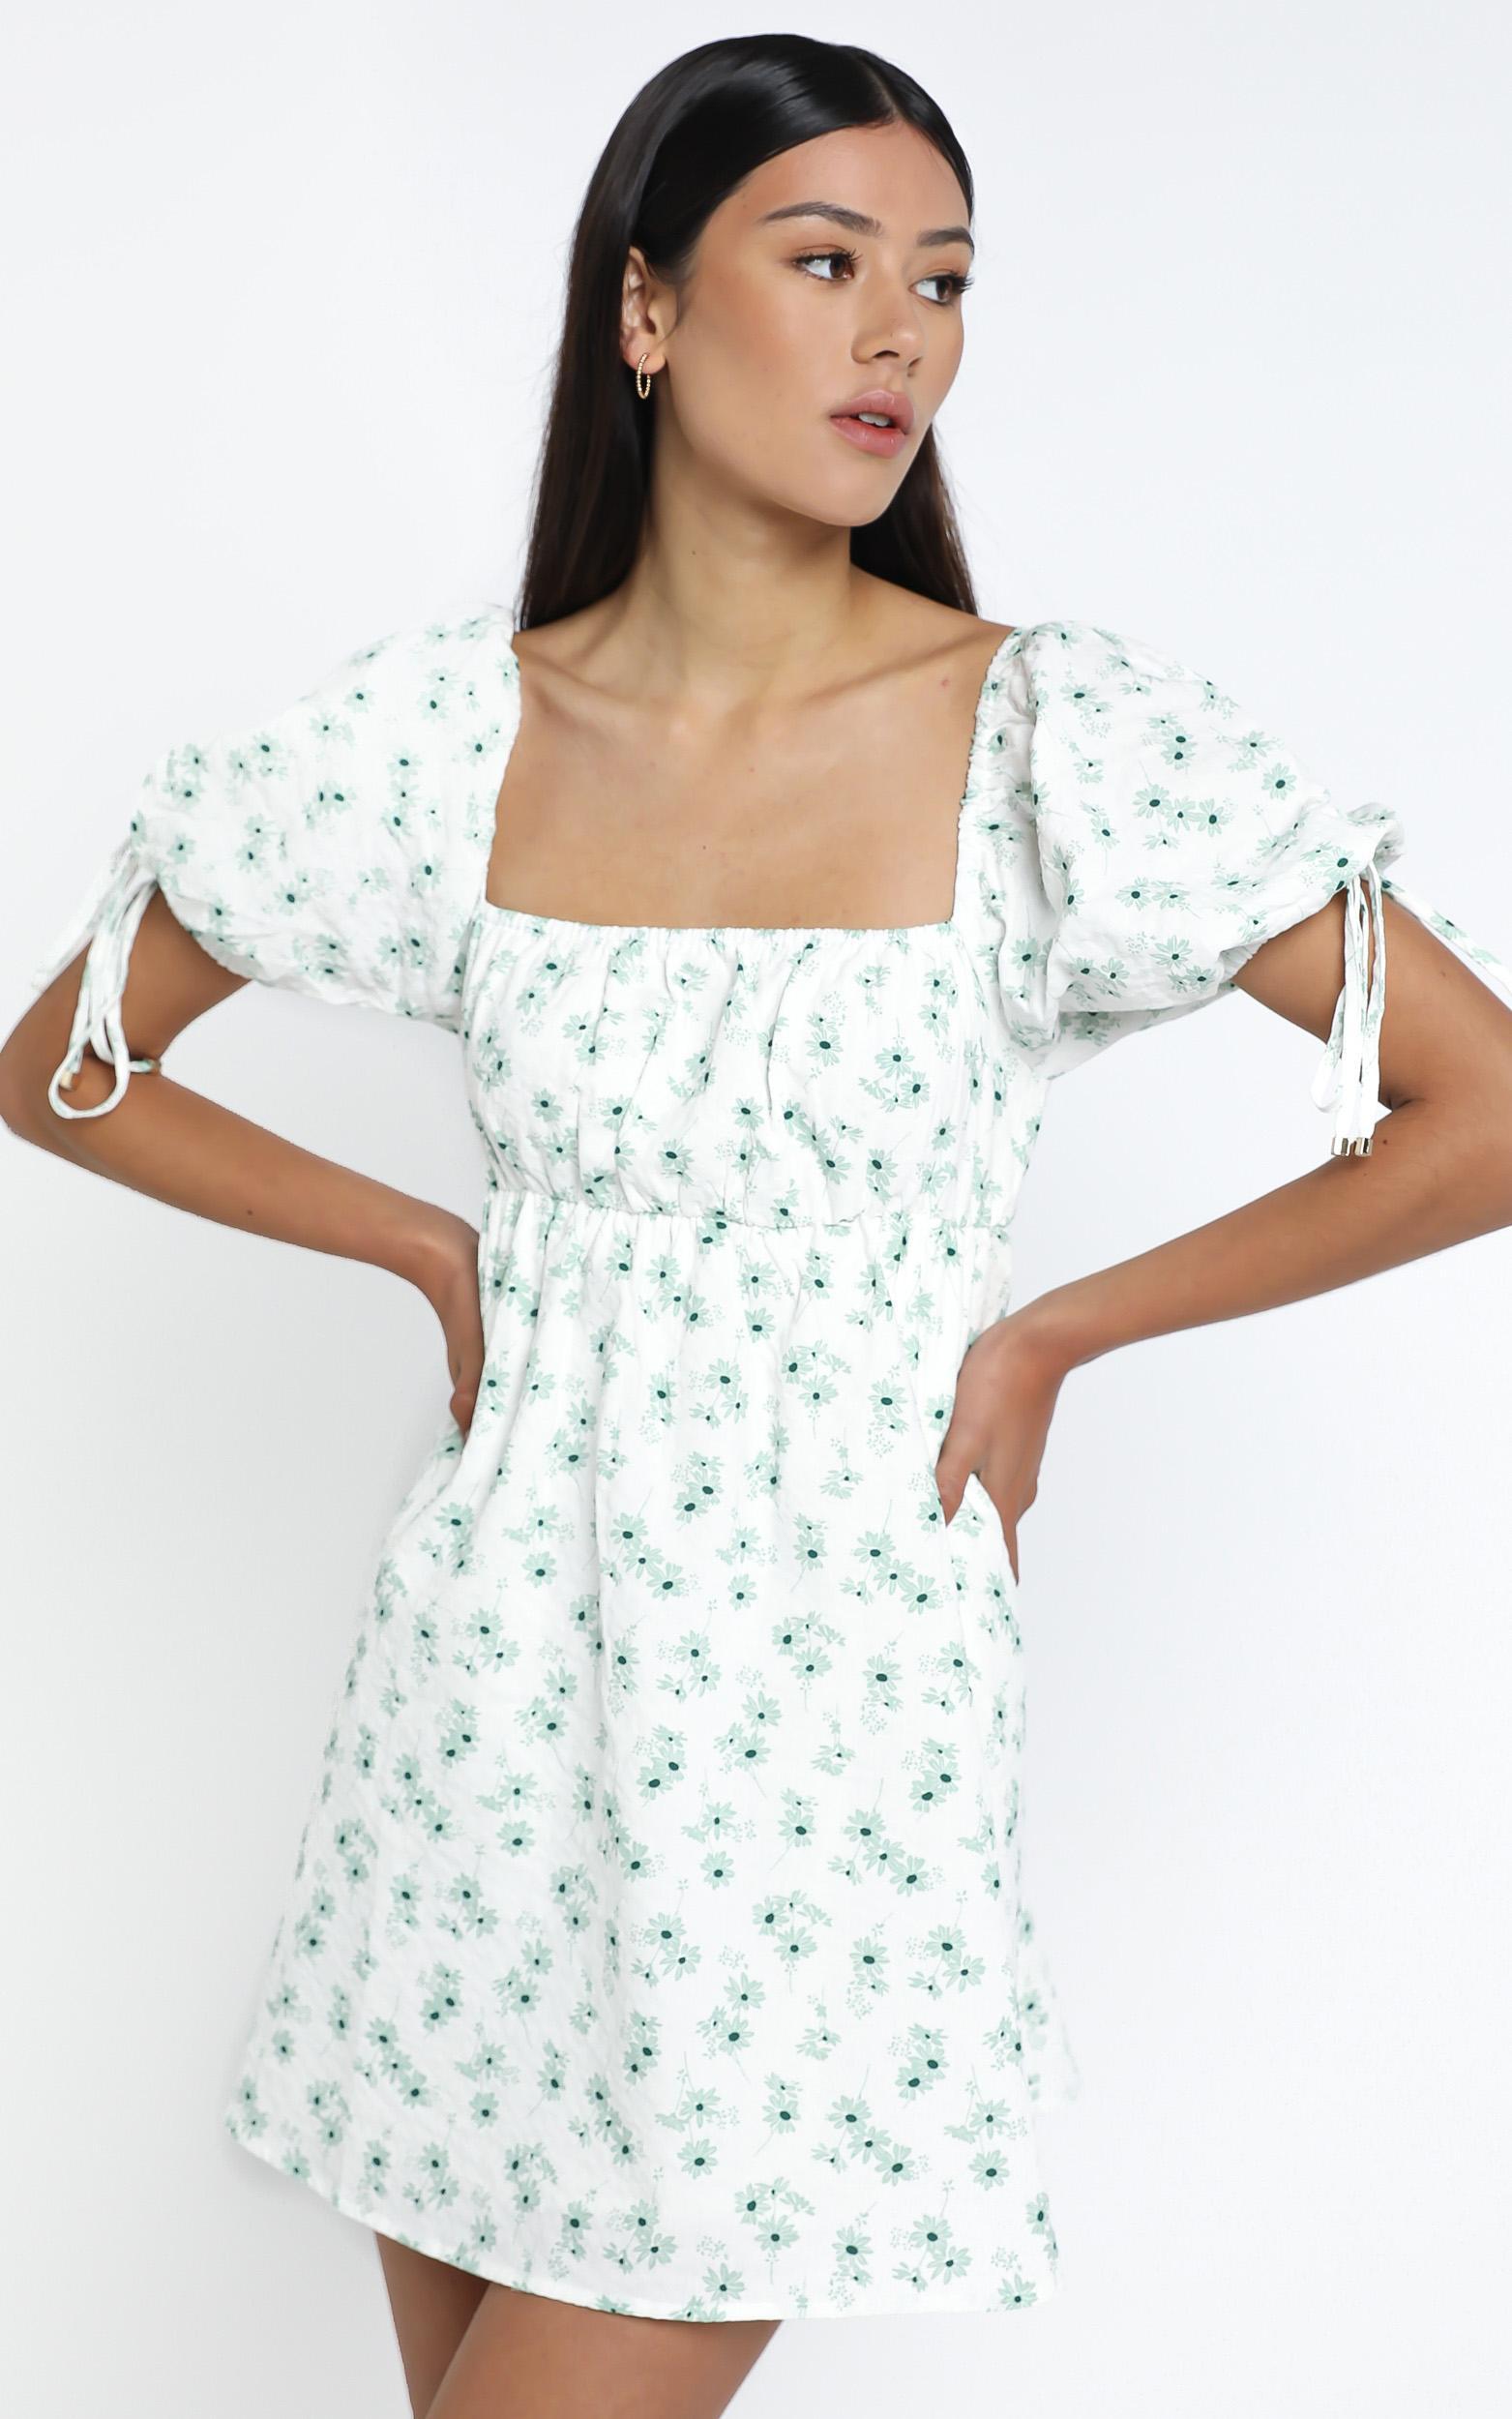 Peppi Dress in Sage Floral - 14 (XL), Sage, hi-res image number null